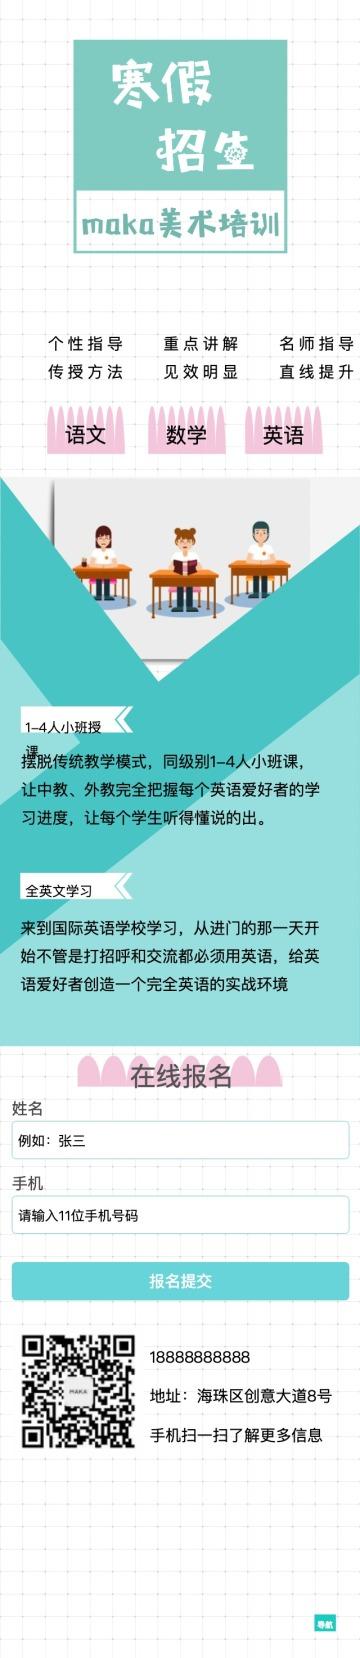 清新简约卡通寒假招生培训单页